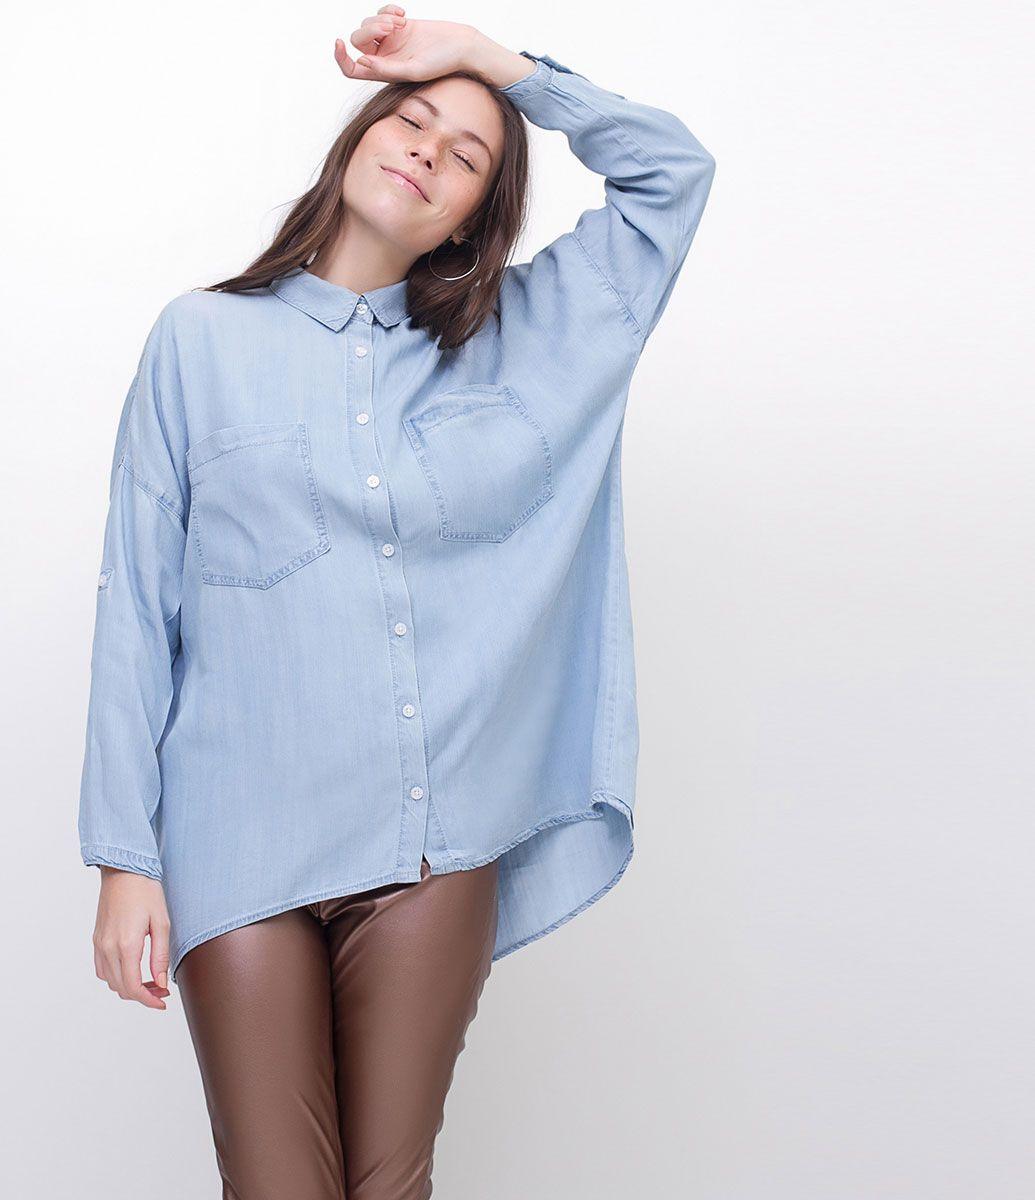 a000df24c8 Camisa feminina Modelo amplo Manga longa Com bolsos Com fenda nas costas  Marca  Blue Steel